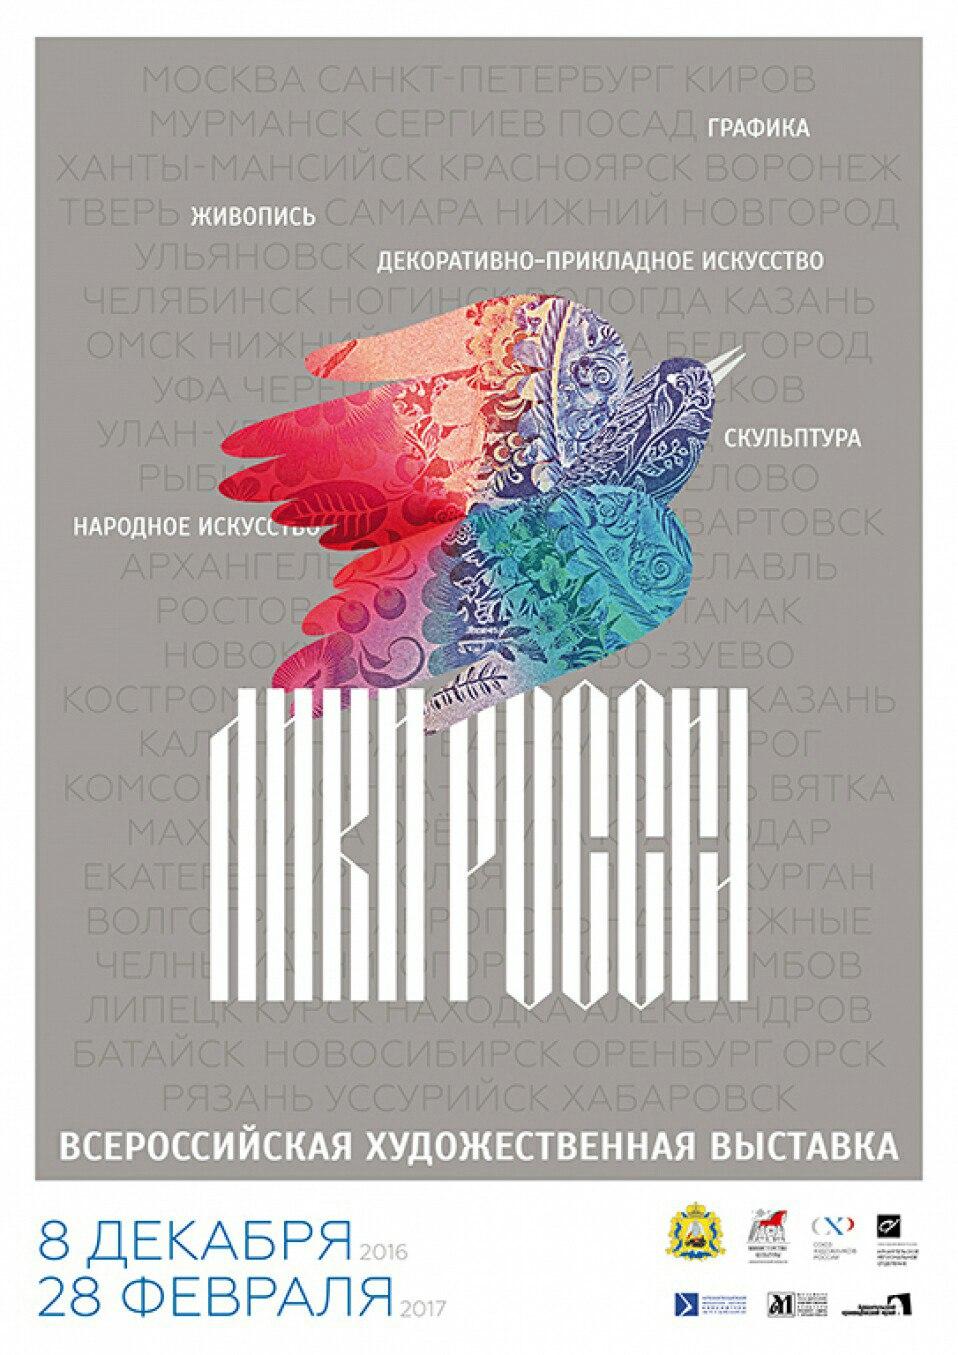 Дом молодежи - одна из площадок выставки «Лики России»